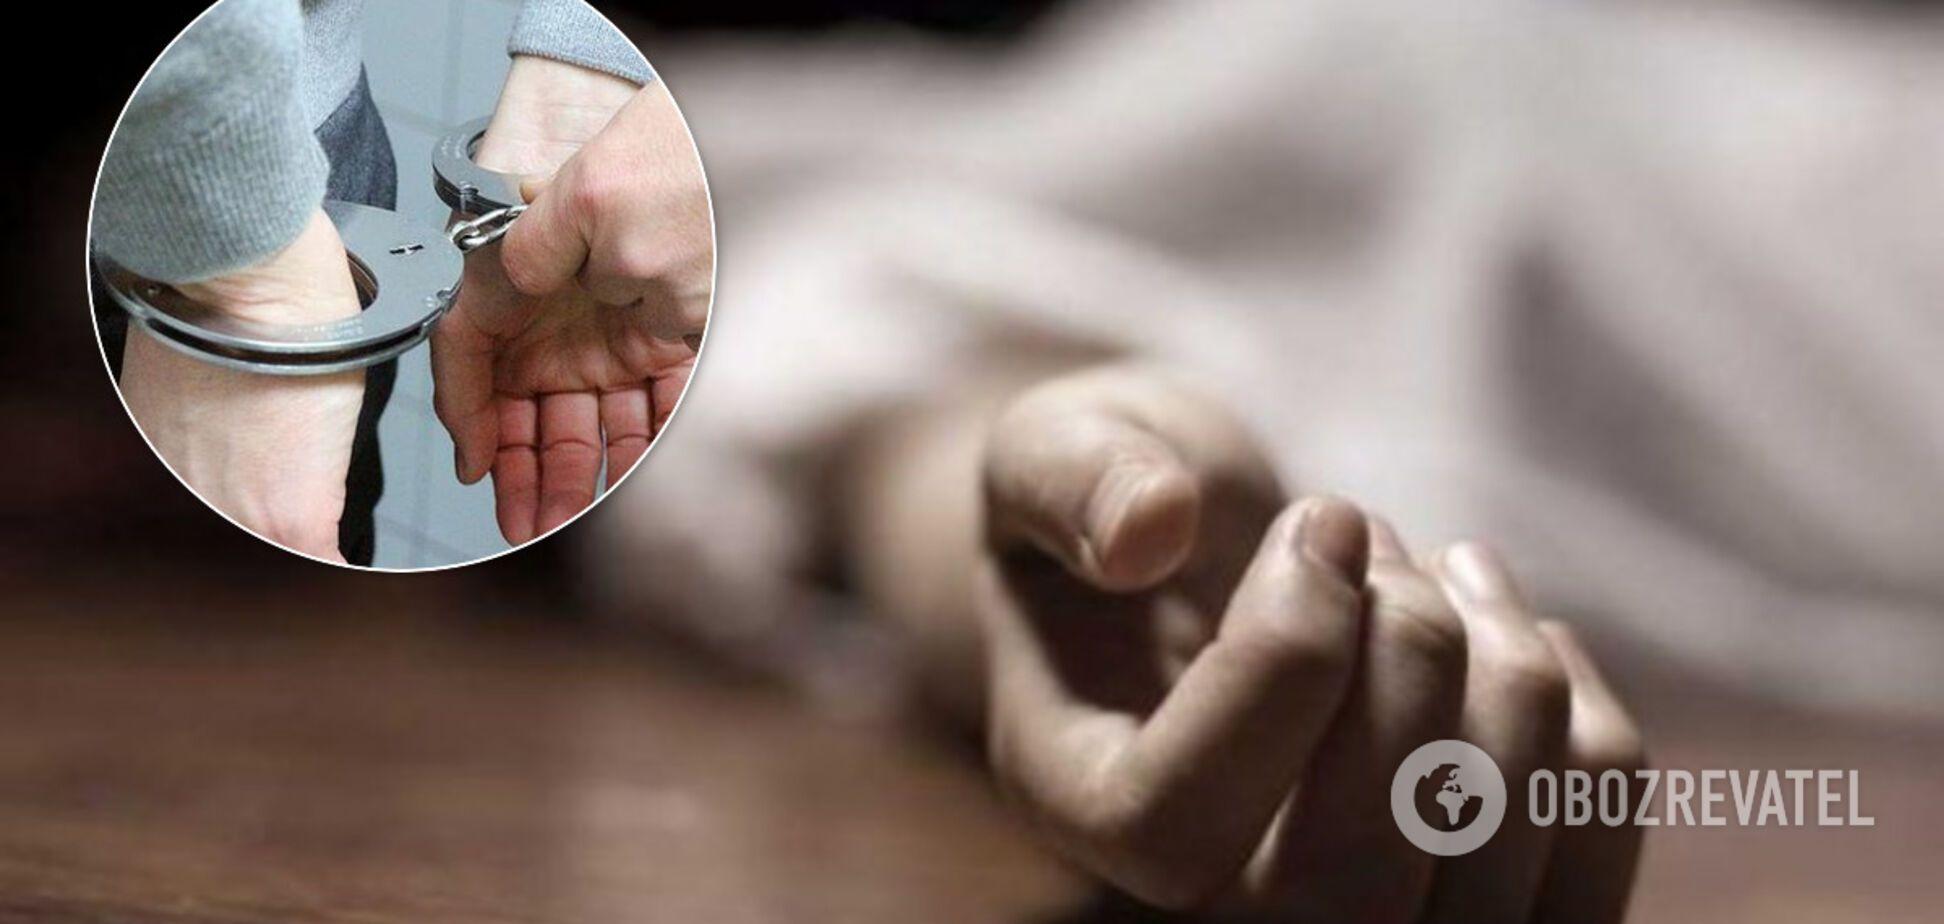 В Бердянске мужчина убил и спрятал в холодильнике сожительницу